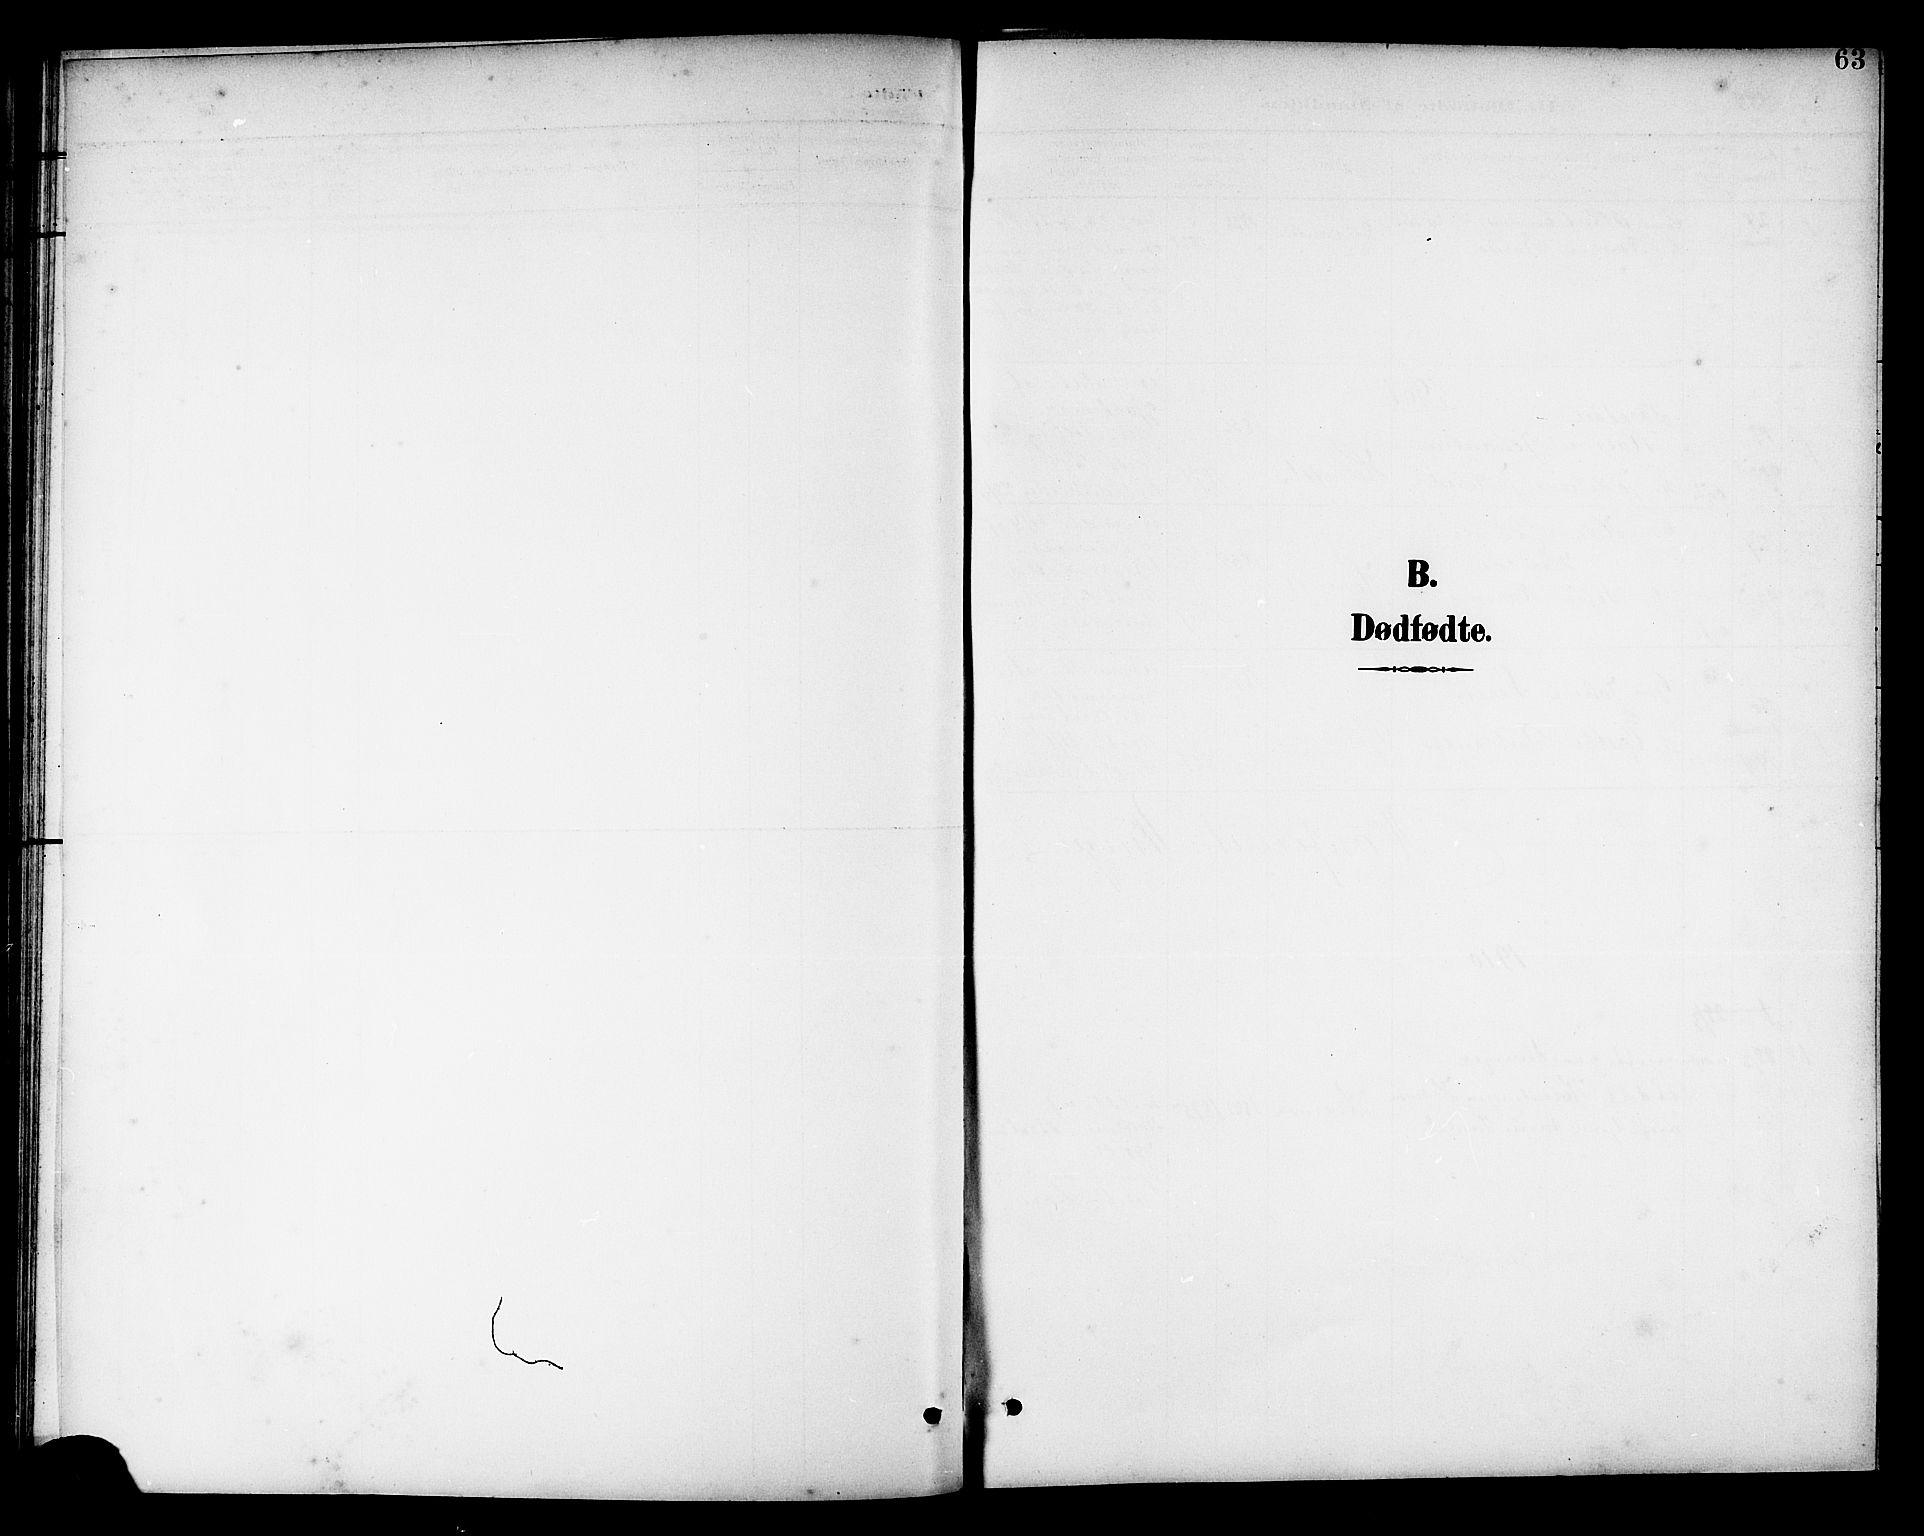 SAT, Ministerialprotokoller, klokkerbøker og fødselsregistre - Nord-Trøndelag, 741/L0401: Klokkerbok nr. 741C02, 1899-1911, s. 63